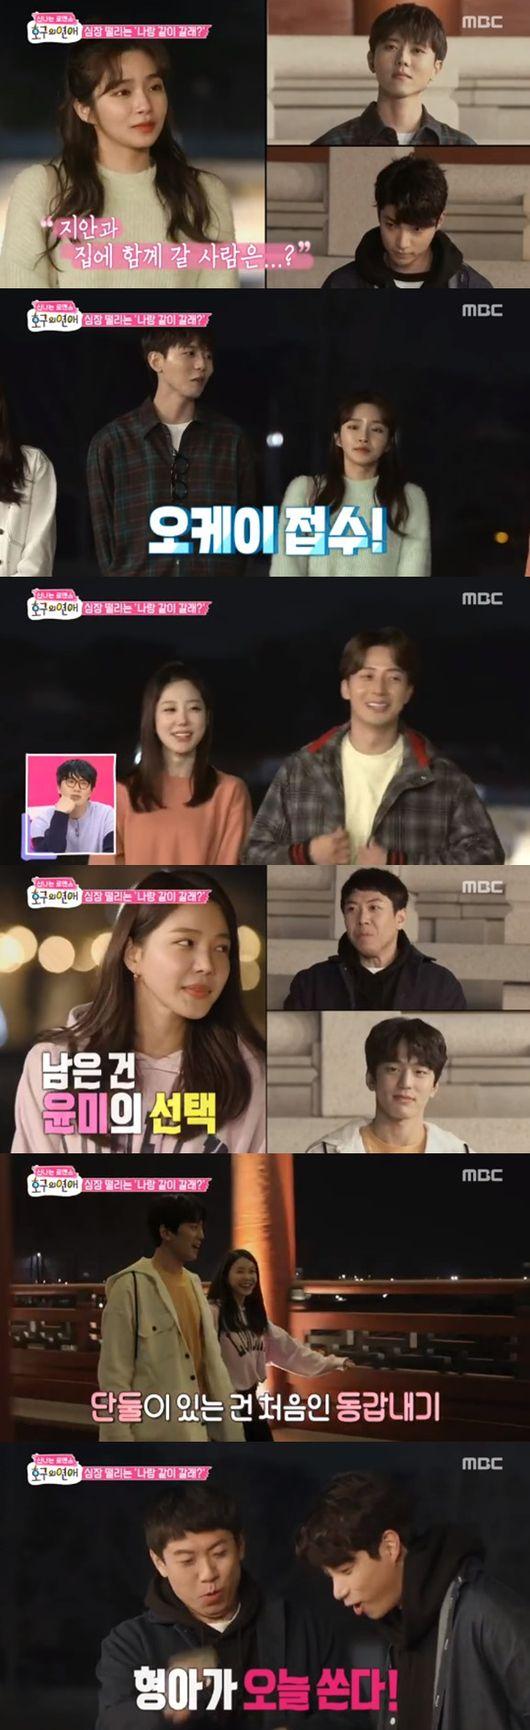 '호구의 연애' 주우재, 첫 합류부터 호구왕→채지안과 서울行♥ [종합]